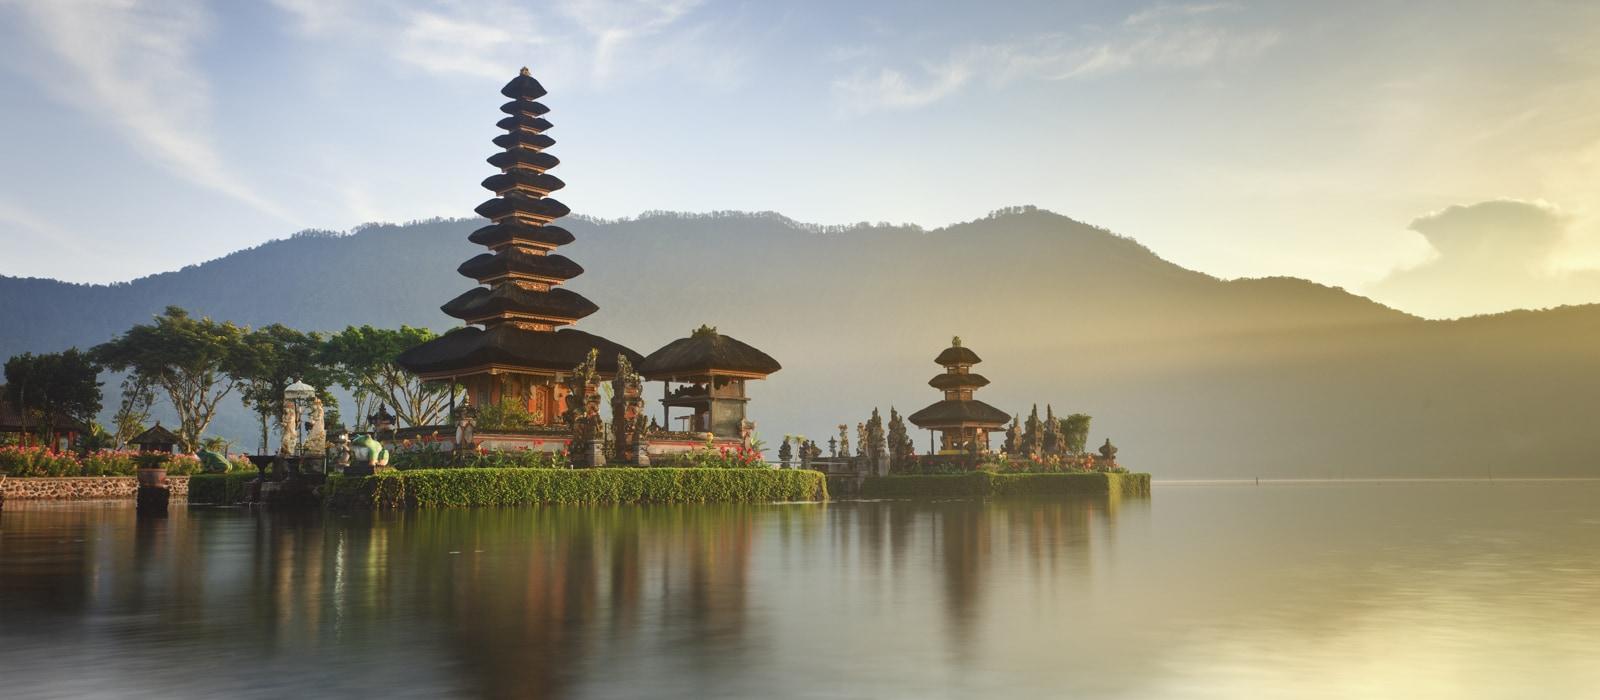 Voyage organisé en petit groupe - Danau Bratan - Bedugul - Bali - Indonésie - Agence de voyage Les Routes du Monde